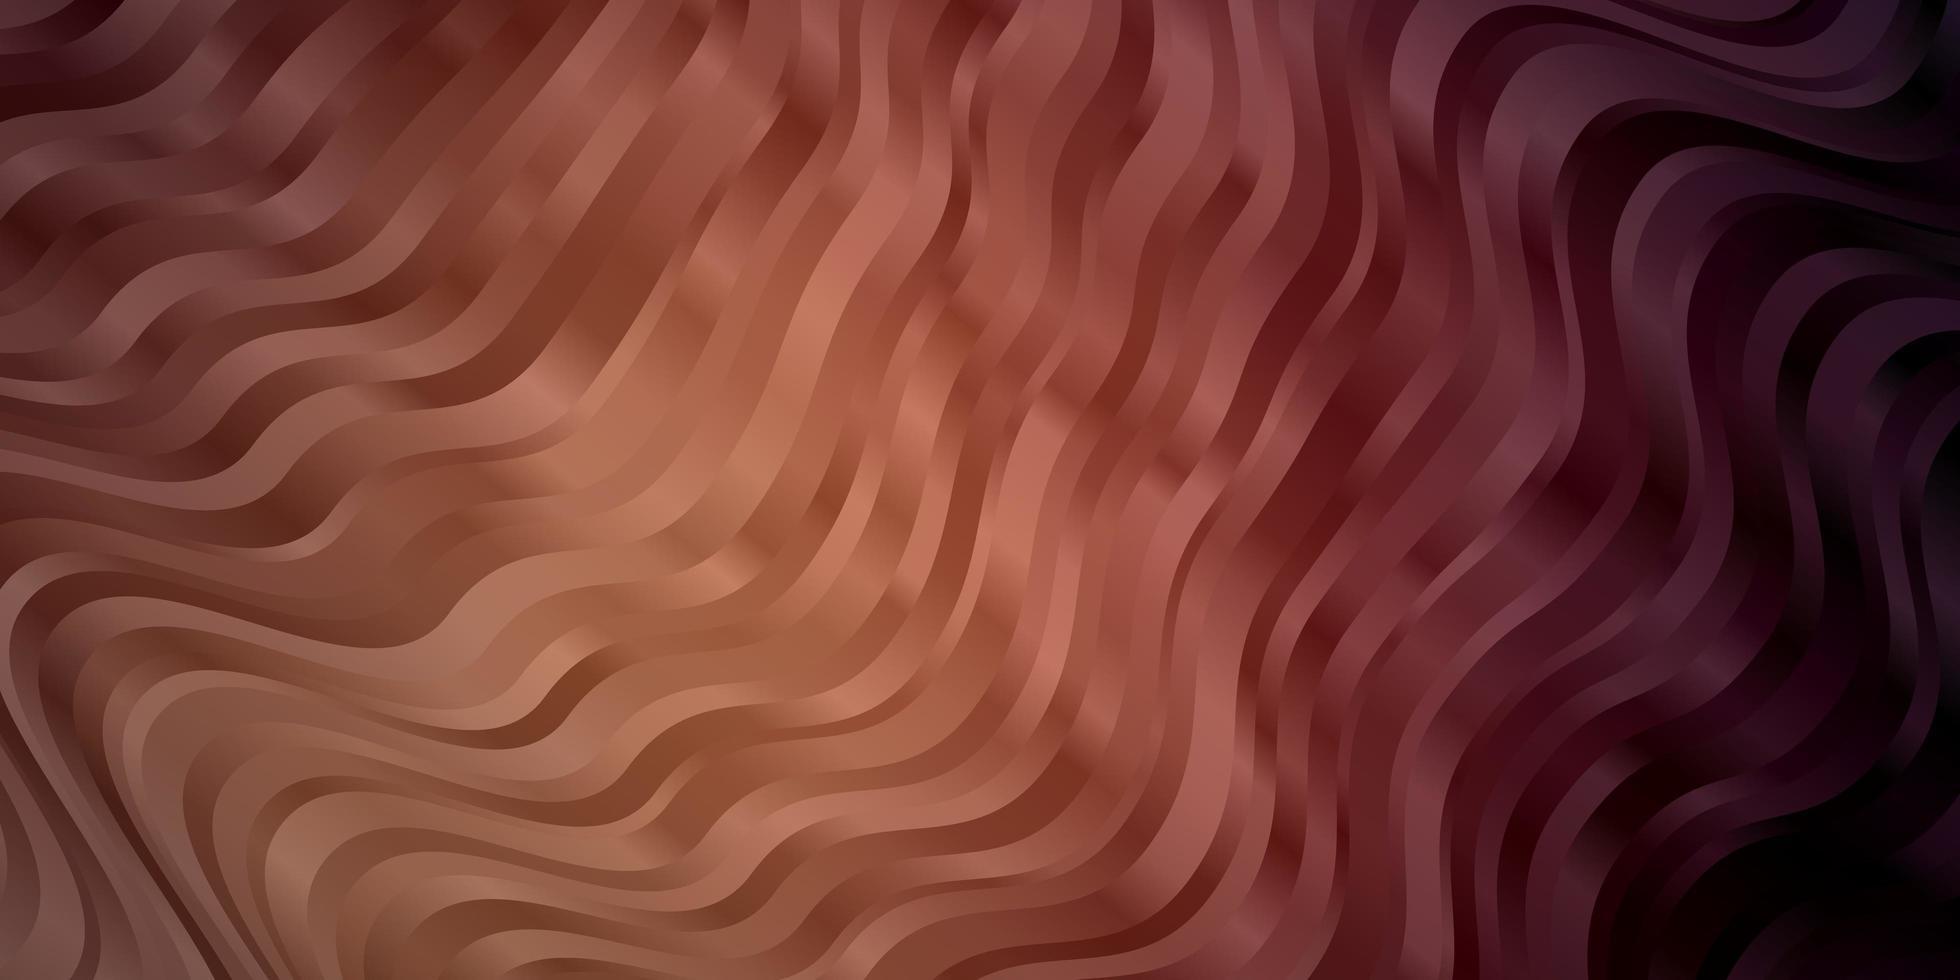 patrón de vector rosa oscuro con curvas.